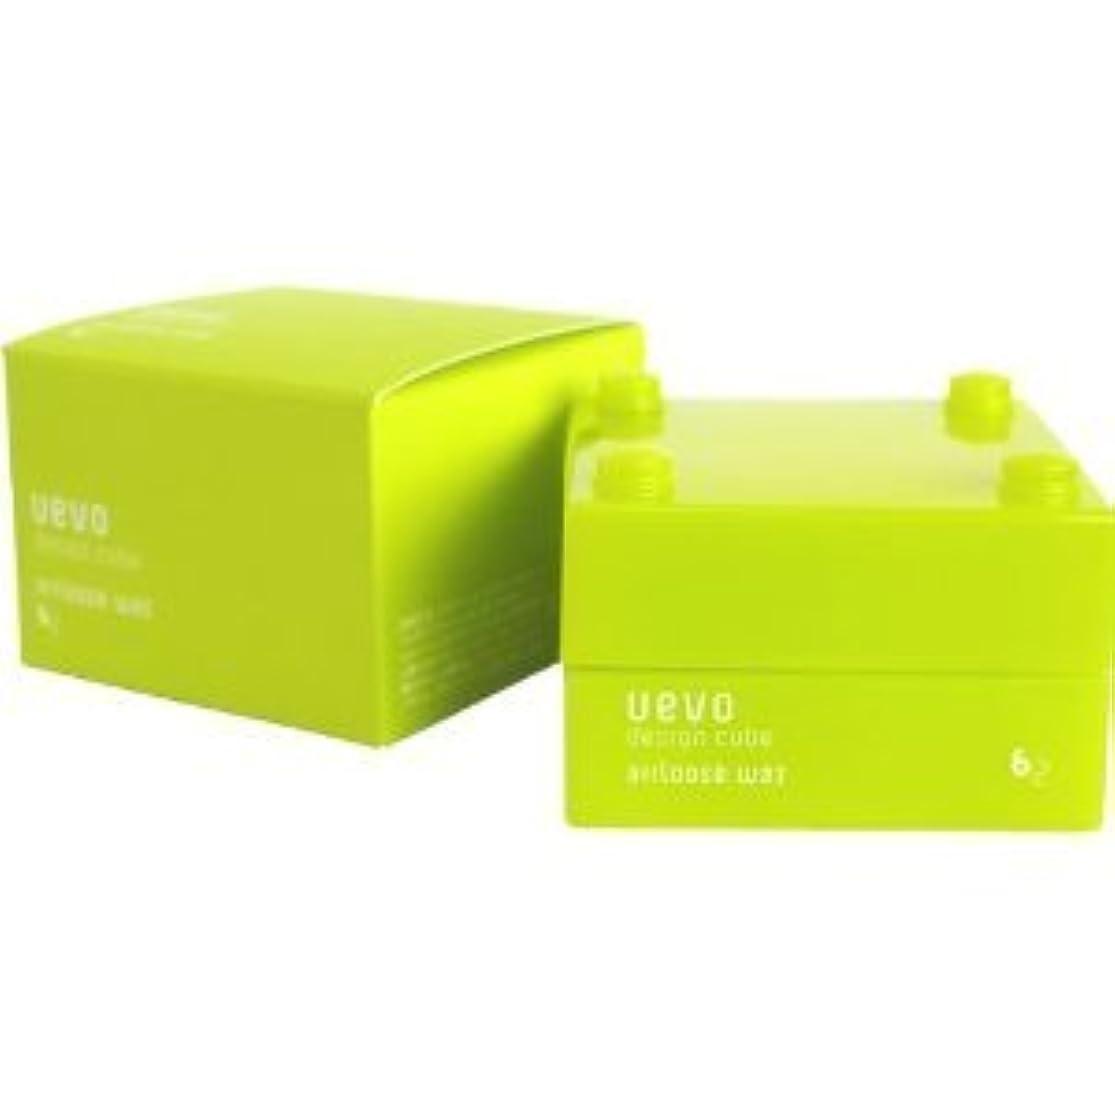 構成自動的にキリン【X2個セット】 デミ ウェーボ デザインキューブ エアルーズワックス 30g airloose wax DEMI uevo design cube